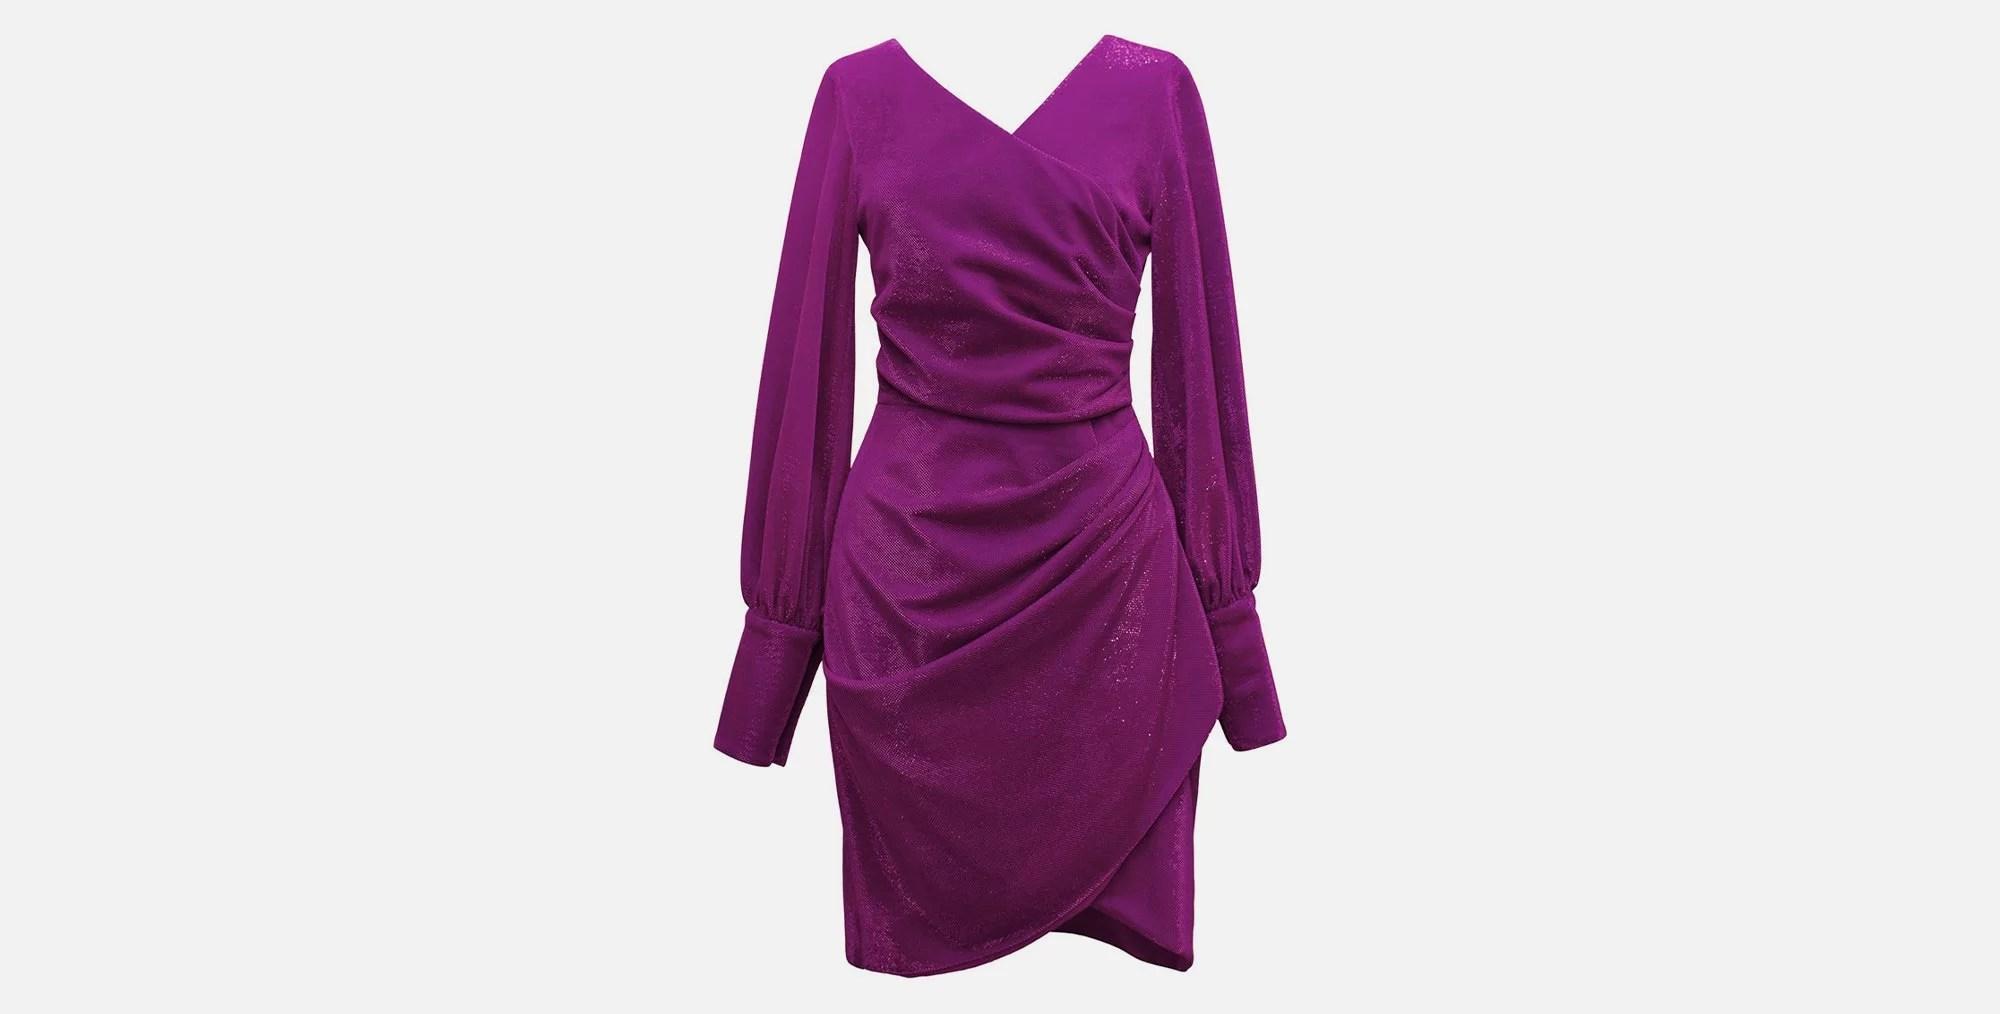 Cum să îți alegi rochia pentru sărbători